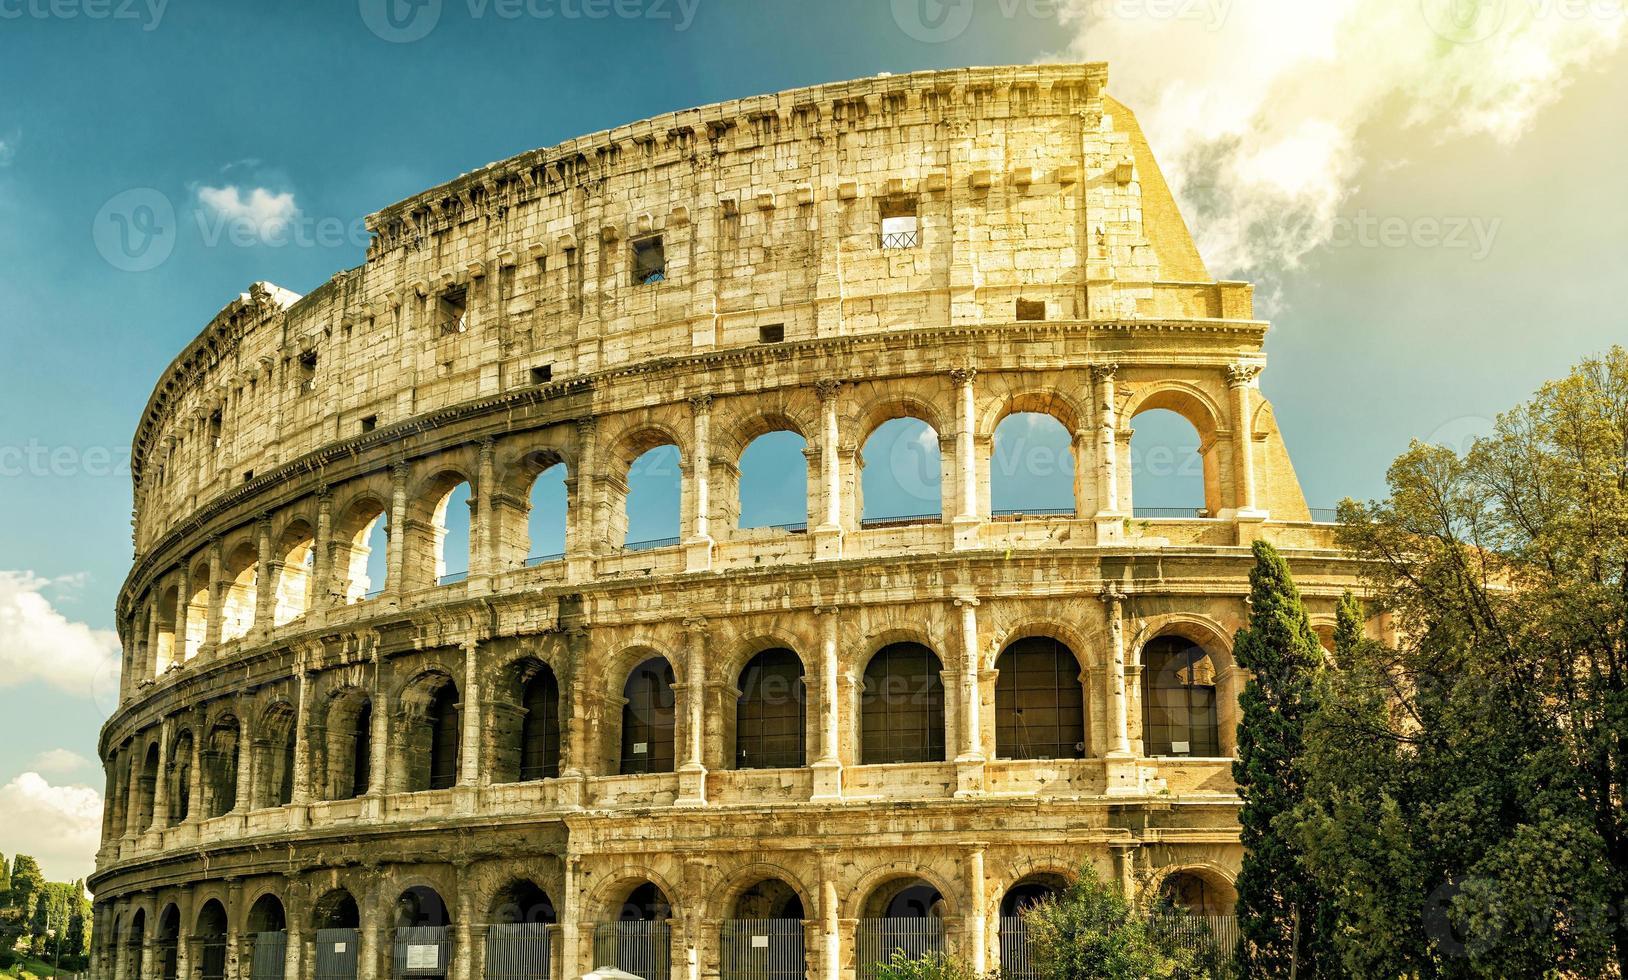 Colosseum (Coliseum) in Rome photo